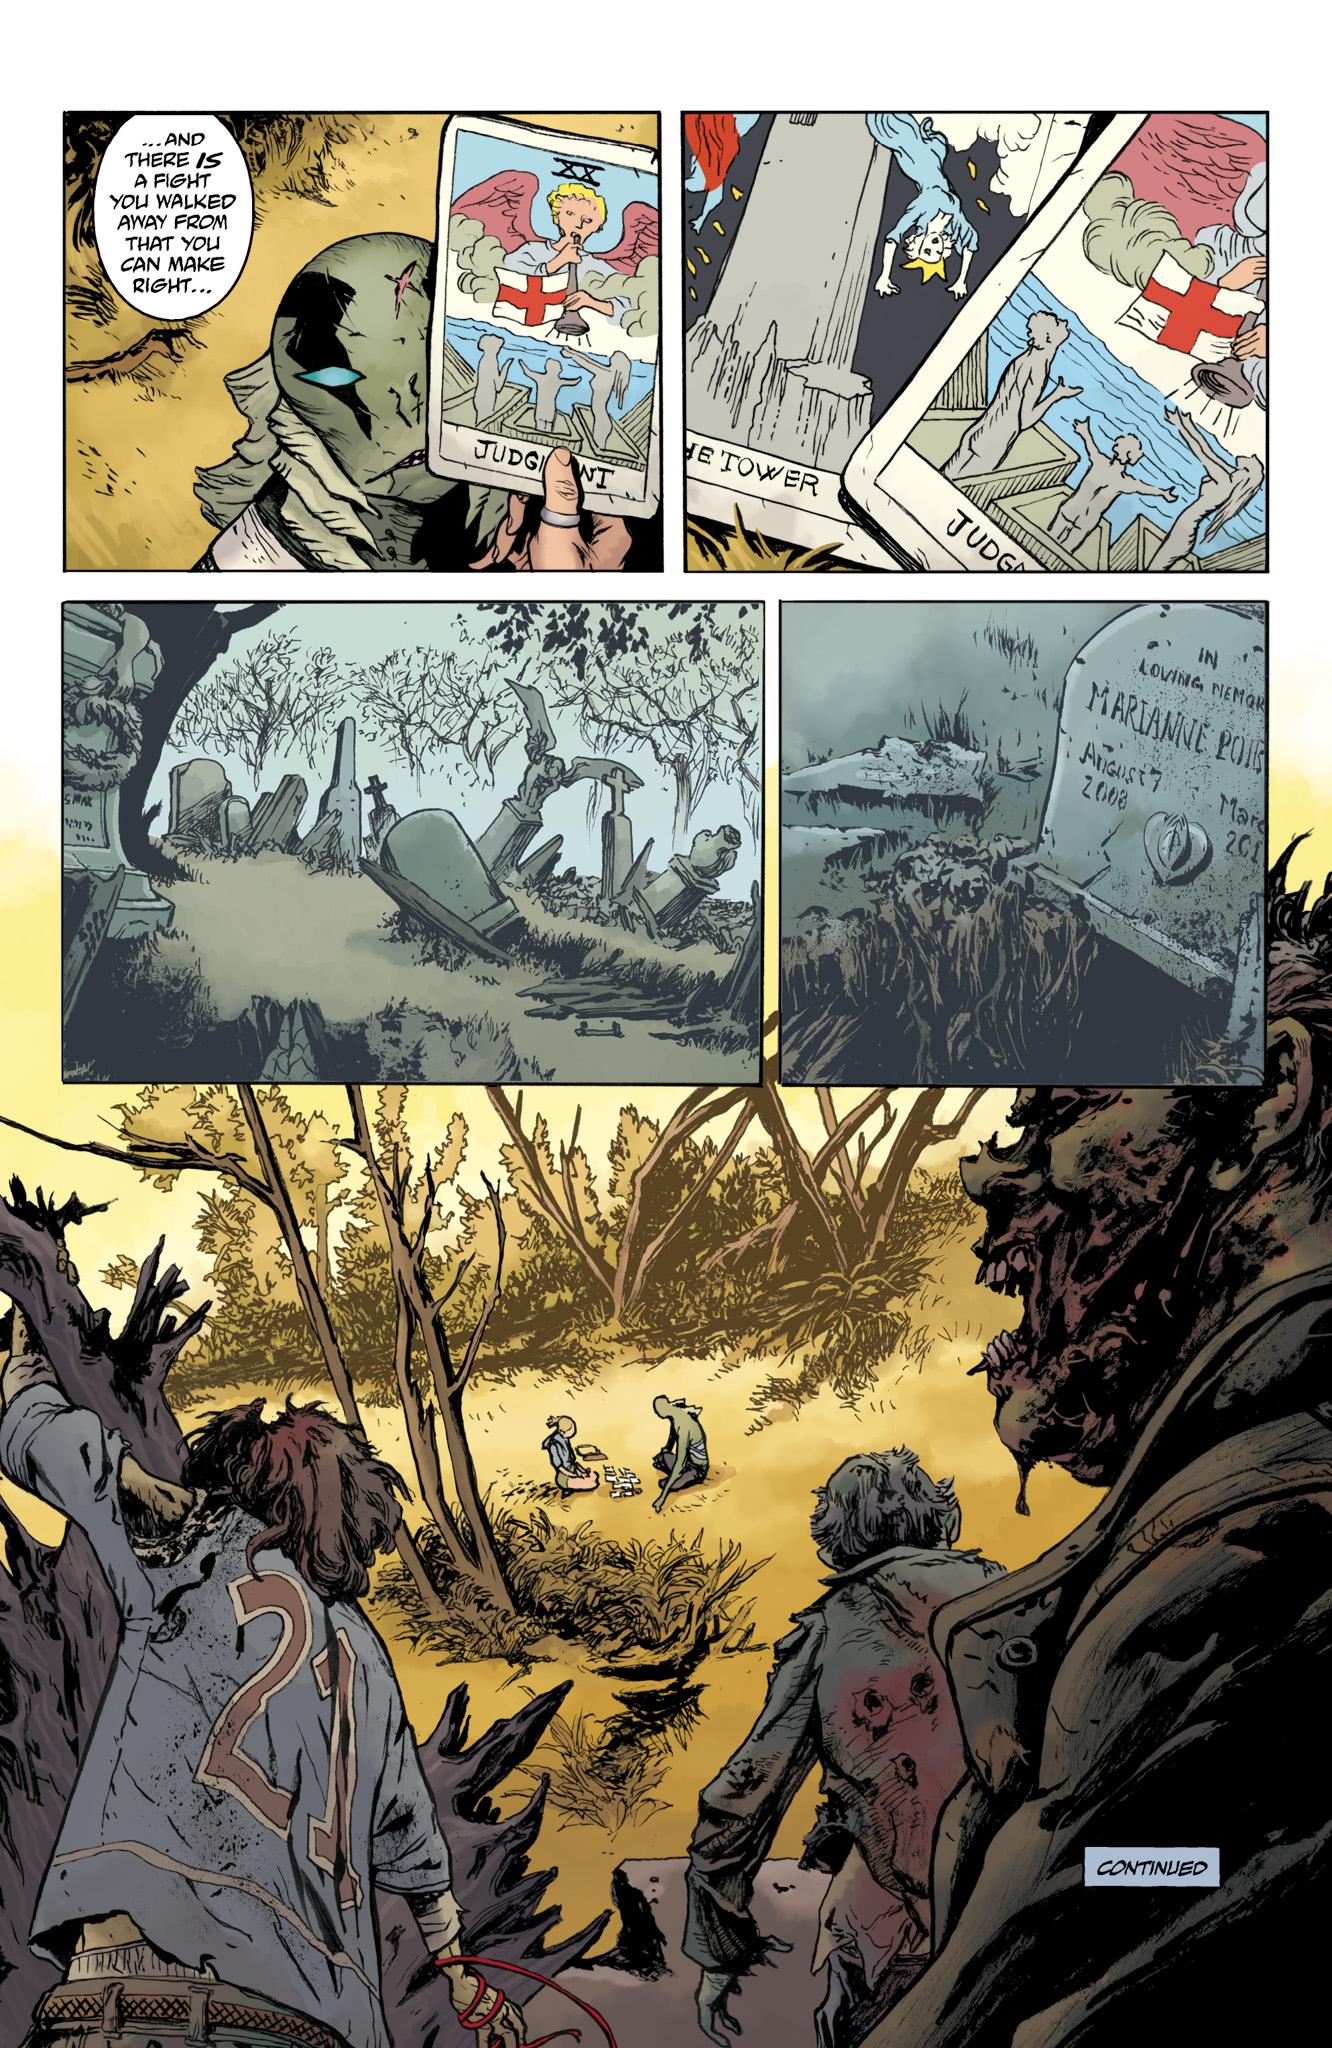 Read online Abe Sapien comic -  Issue #20 - 24